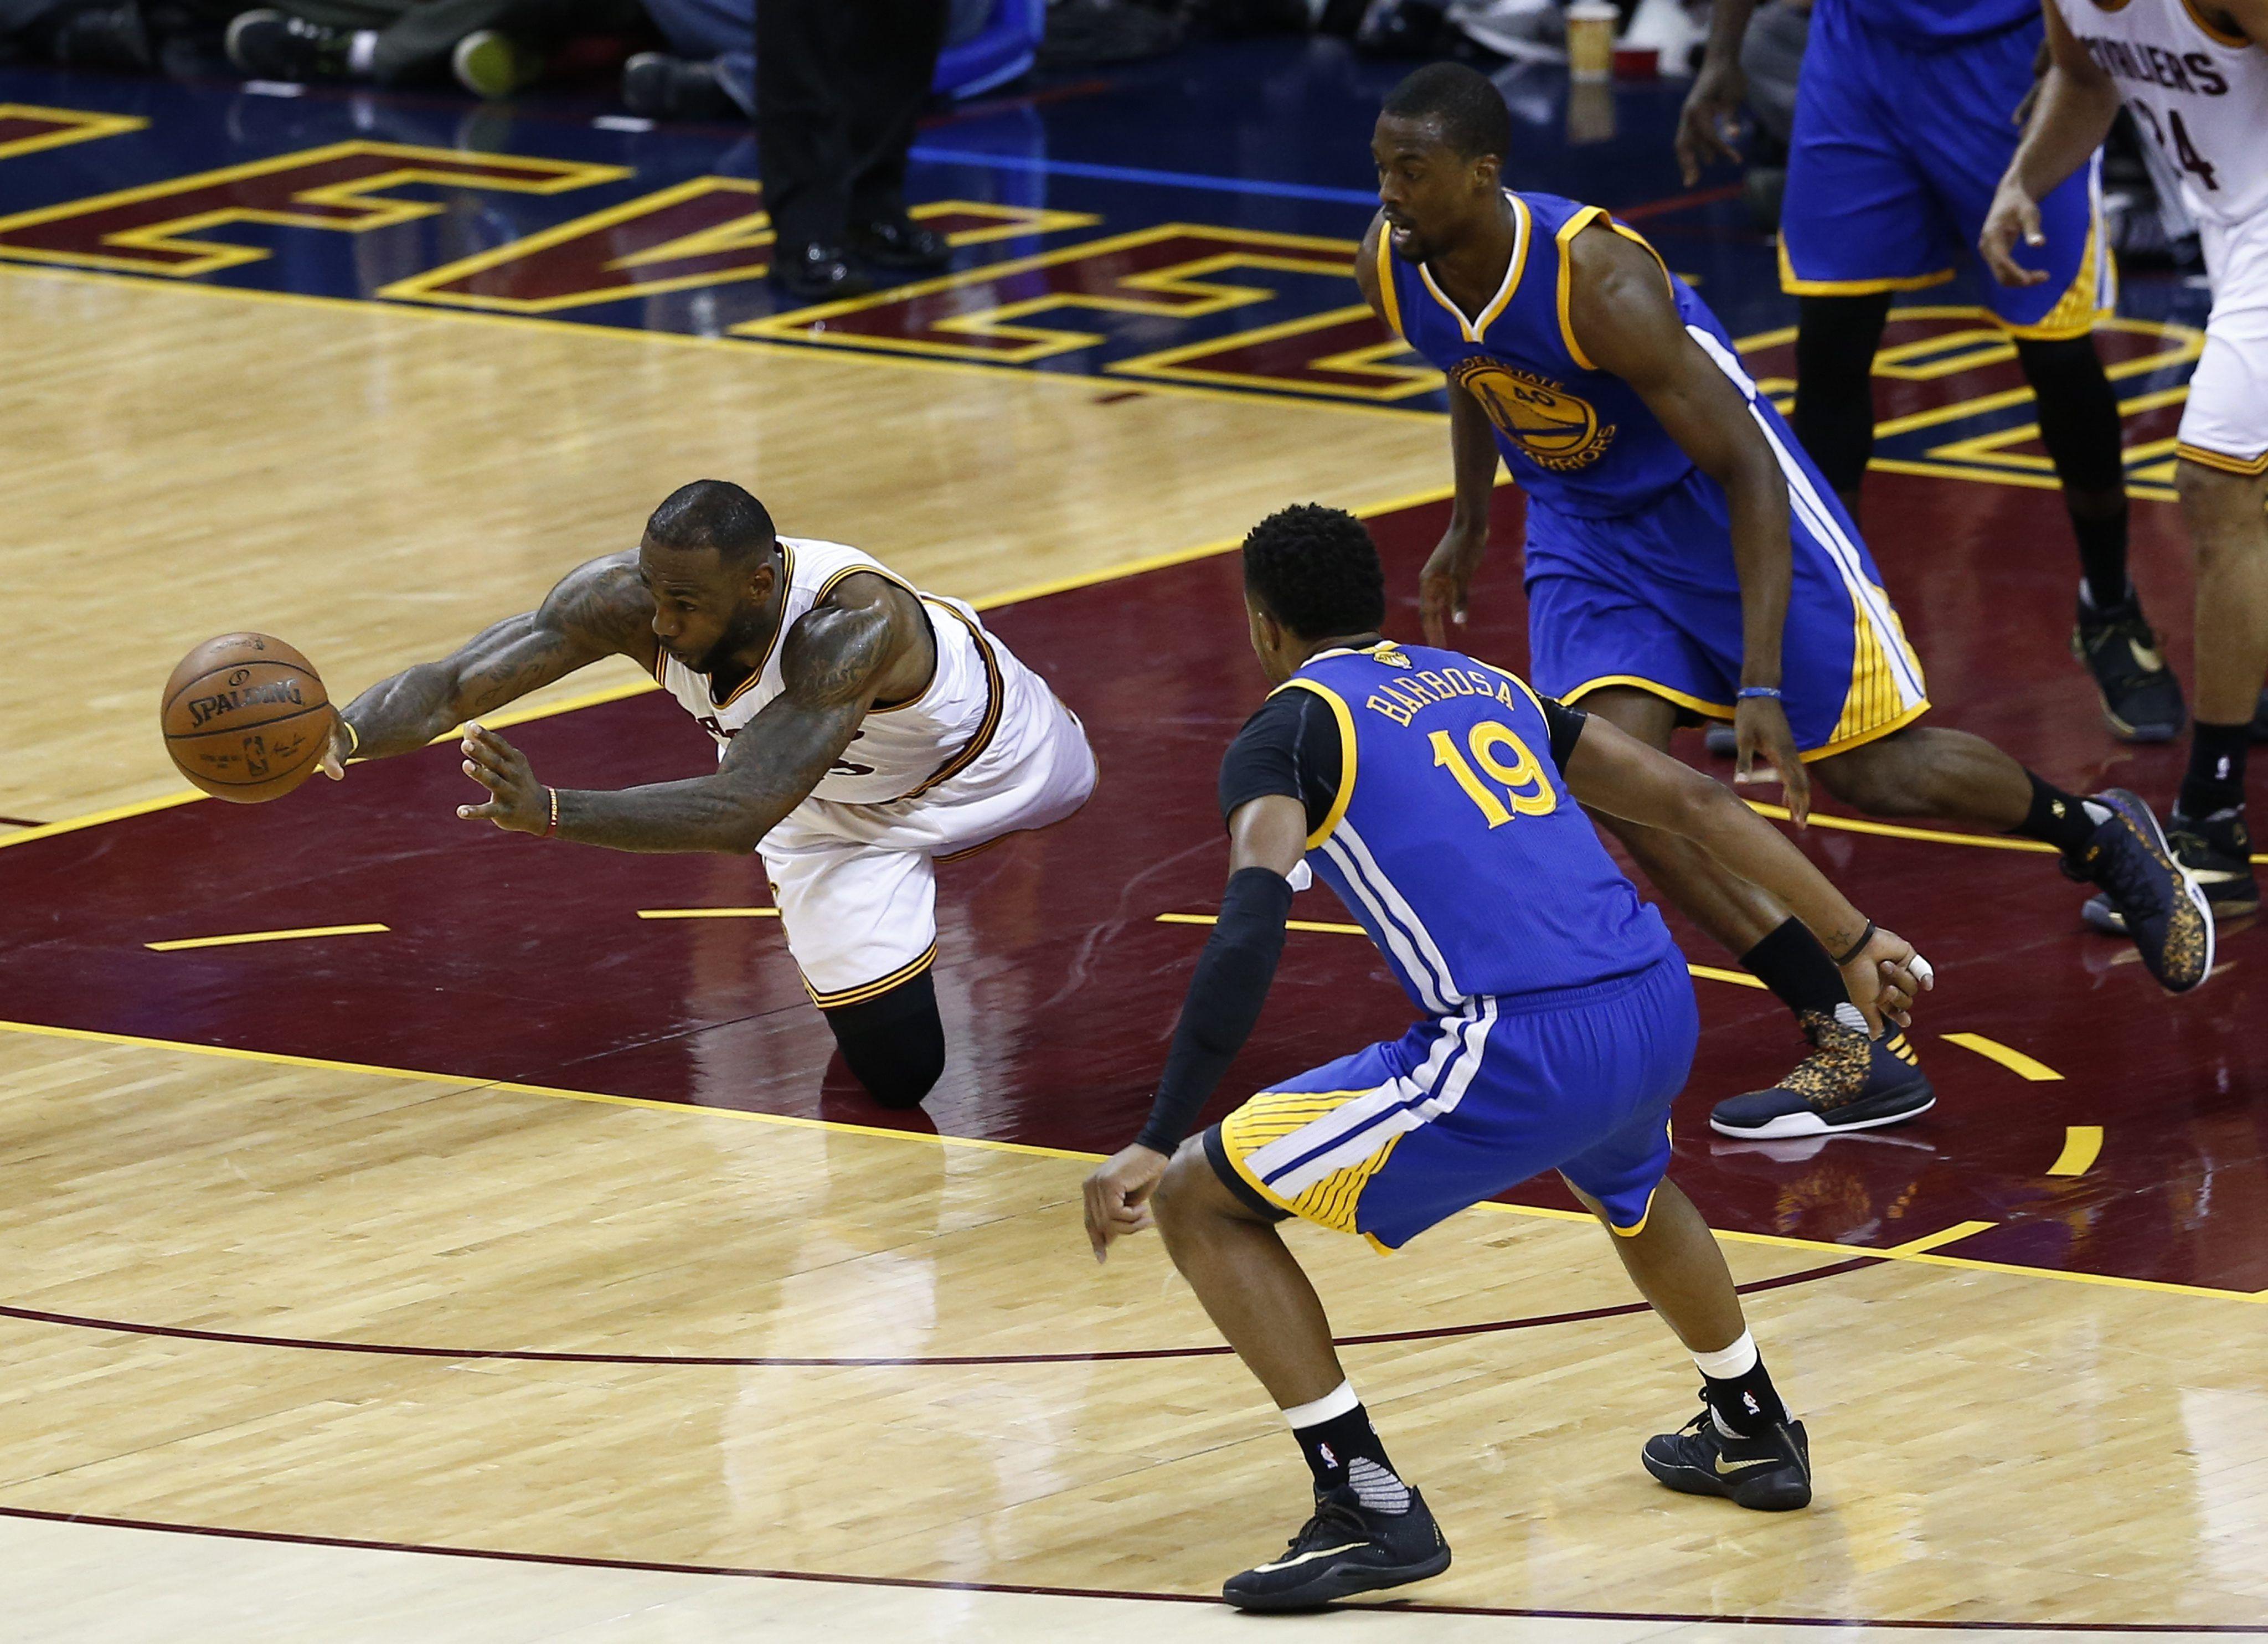 Finales de la NBA: aplastante victoria de los Cavalliers de LeBron